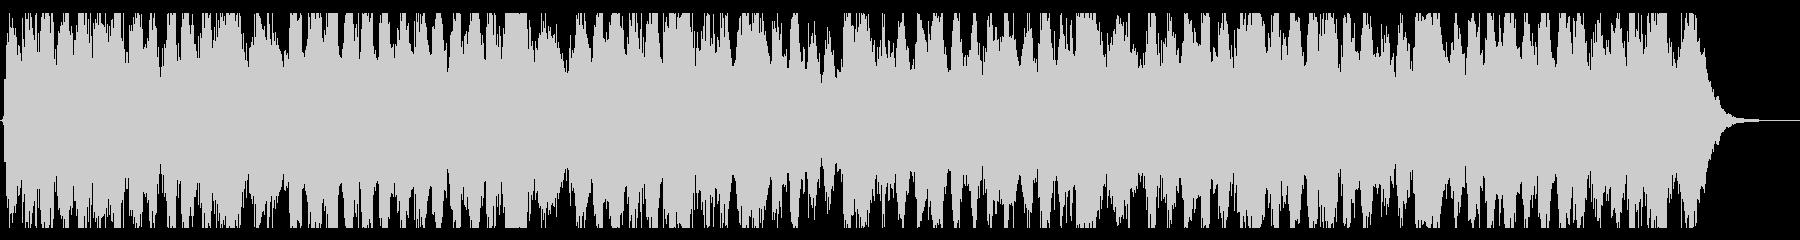 ベートーベン「第九」原曲オケ有名部分の未再生の波形